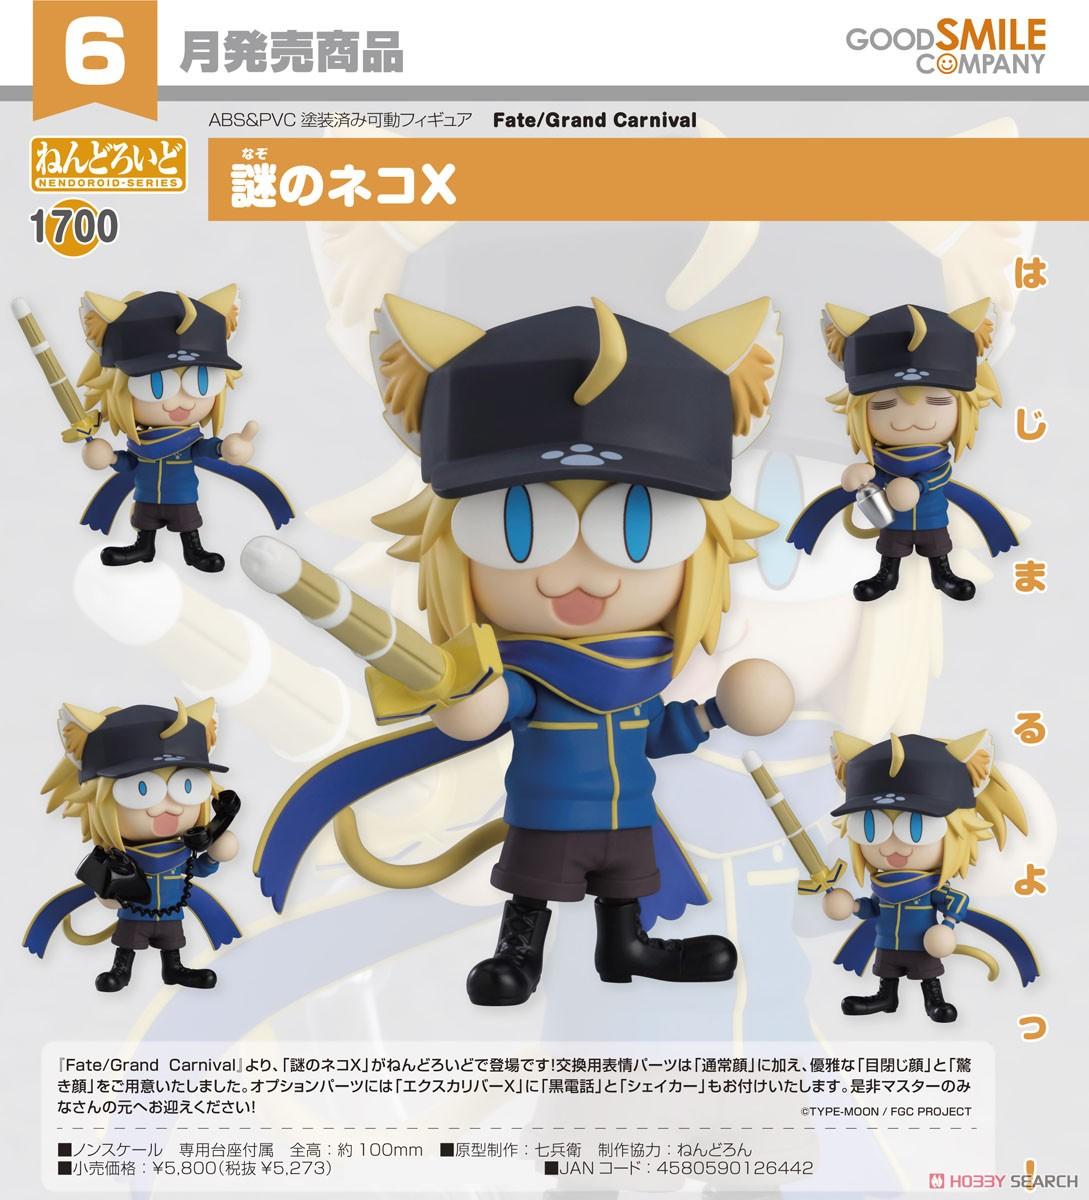 ねんどろいど『謎のネコX』Fate/Grand Carnival デフォルメ可動フィギュア-006